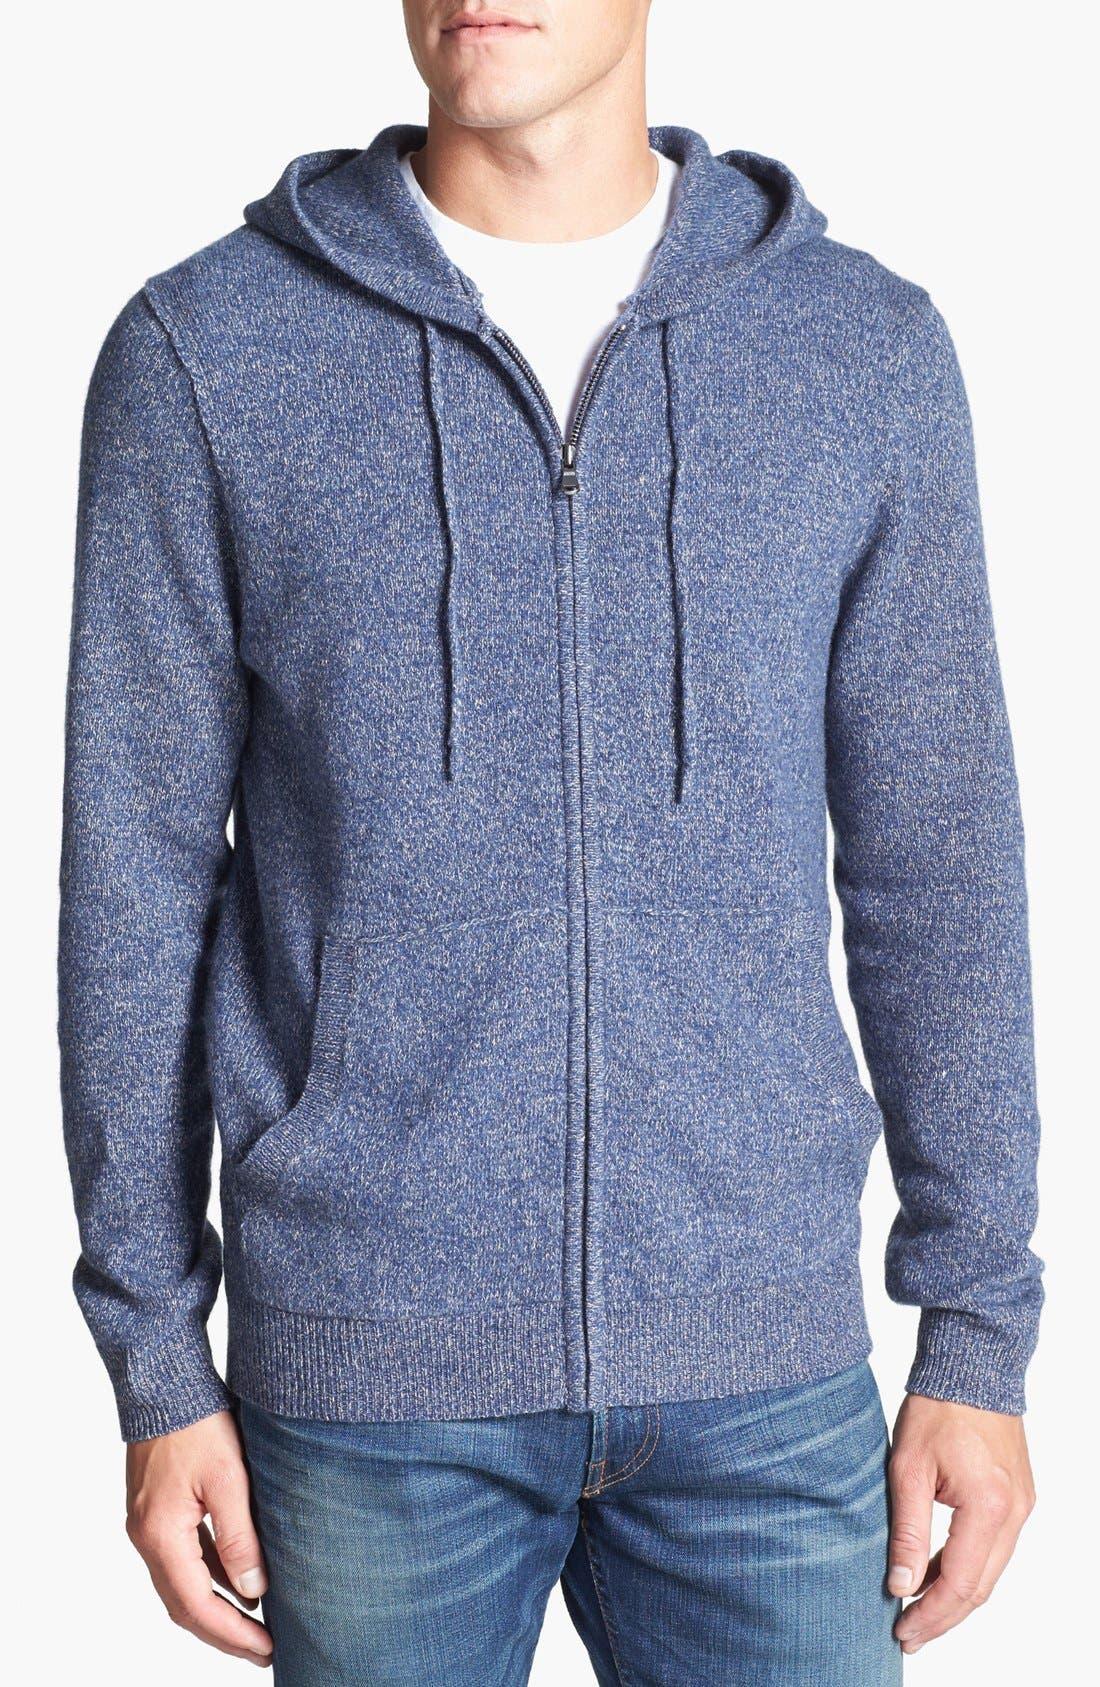 Alternate Image 1 Selected - Nordstrom Wool Zip Hoodie